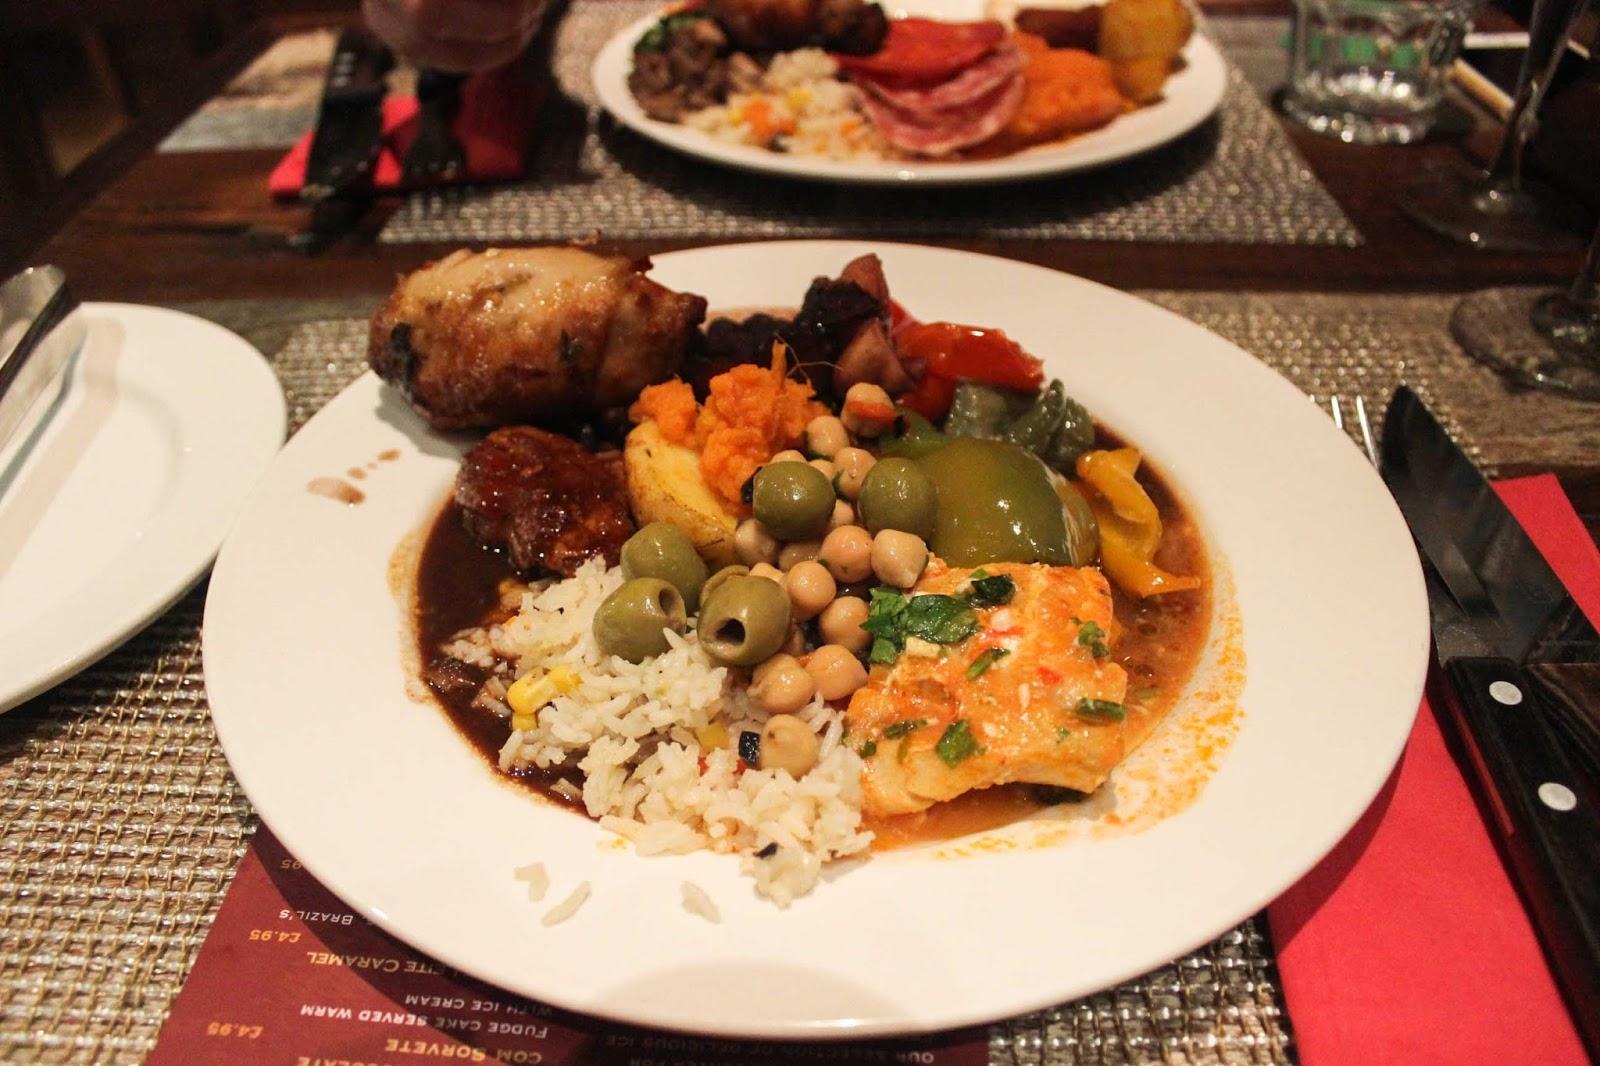 Food at Bem Brazil